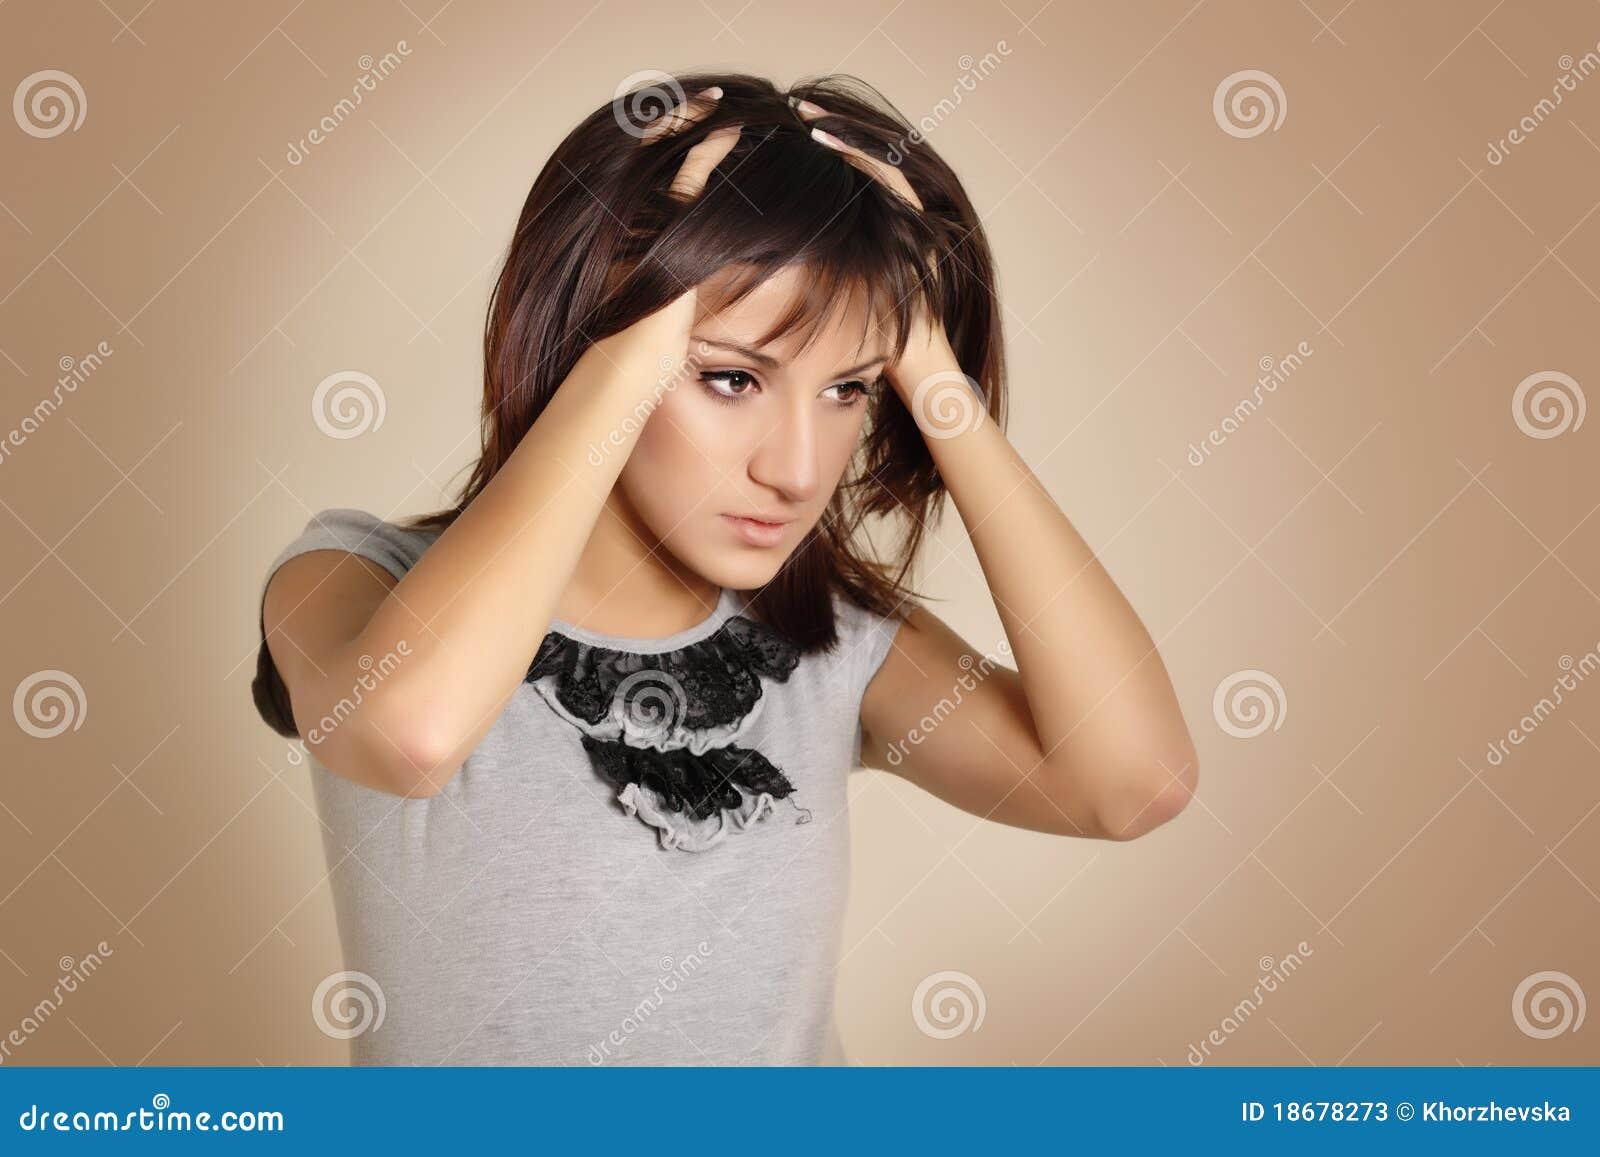 migraine headaches teen